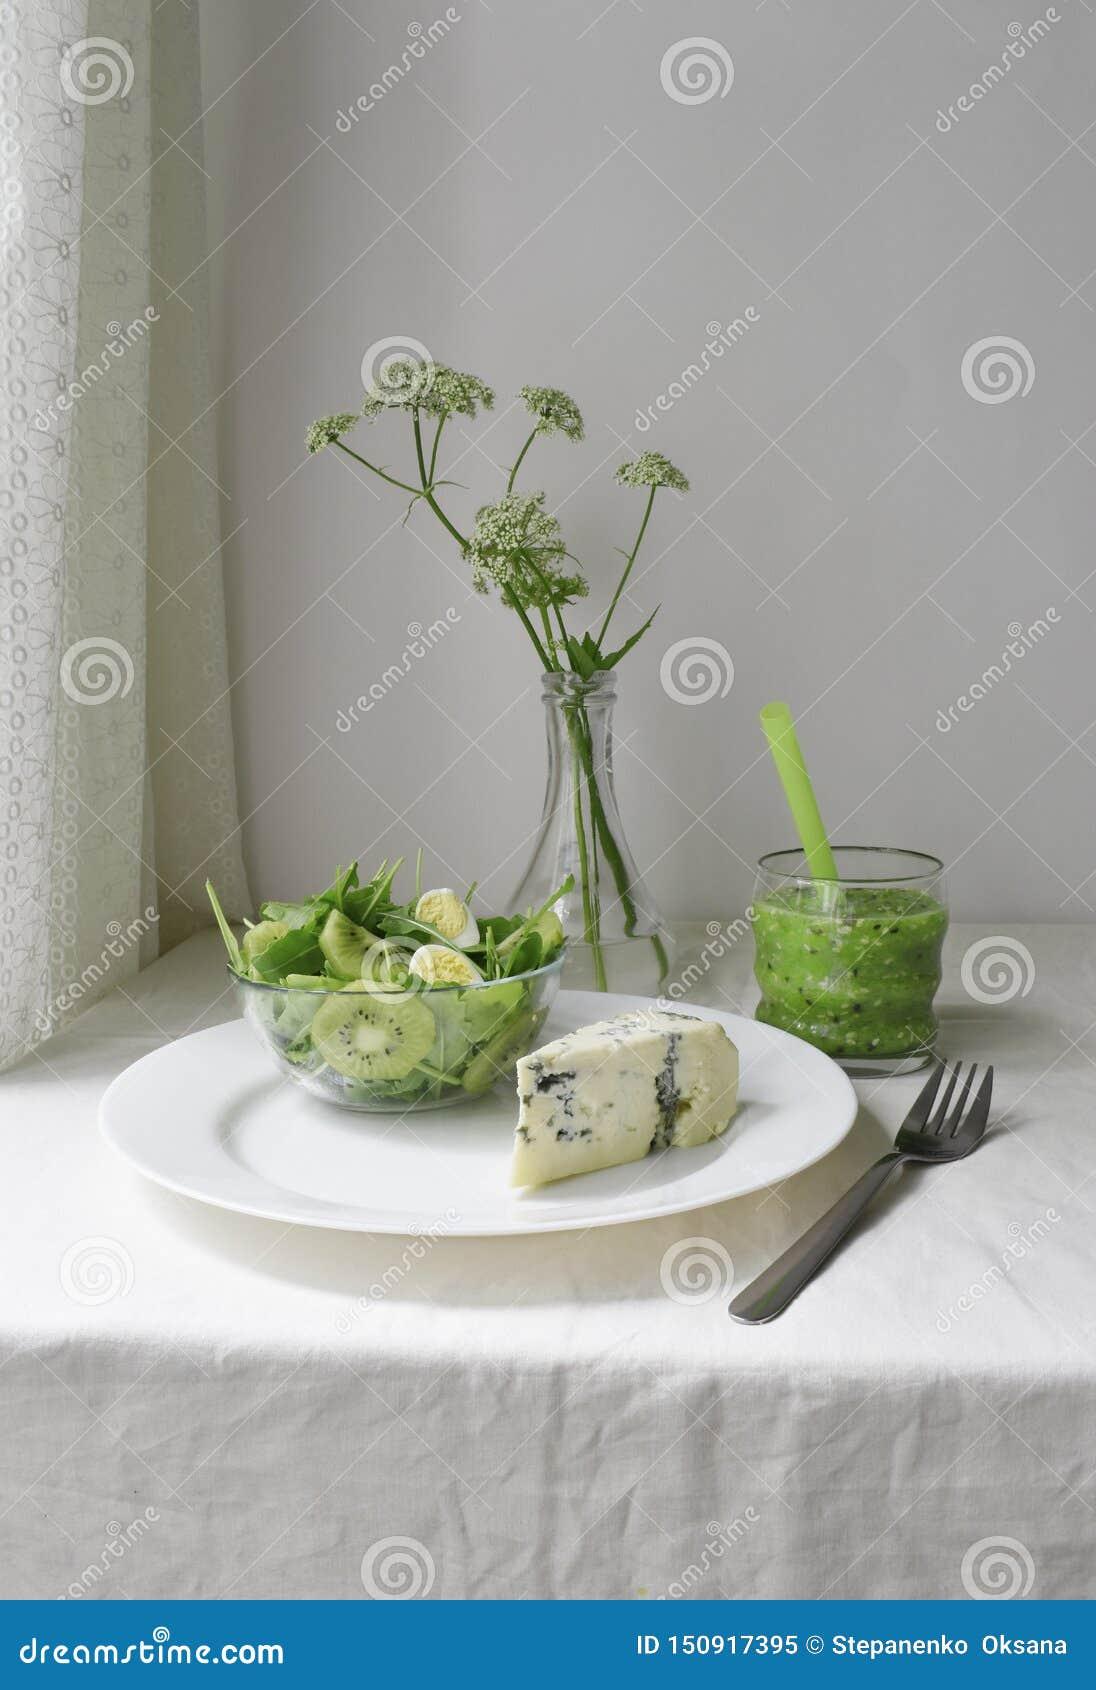 Groen vers ontbijt Gezond ruw dieet Detox smoothie heldere kleur Schimmelkaas en salade Witte textielplattelander nog